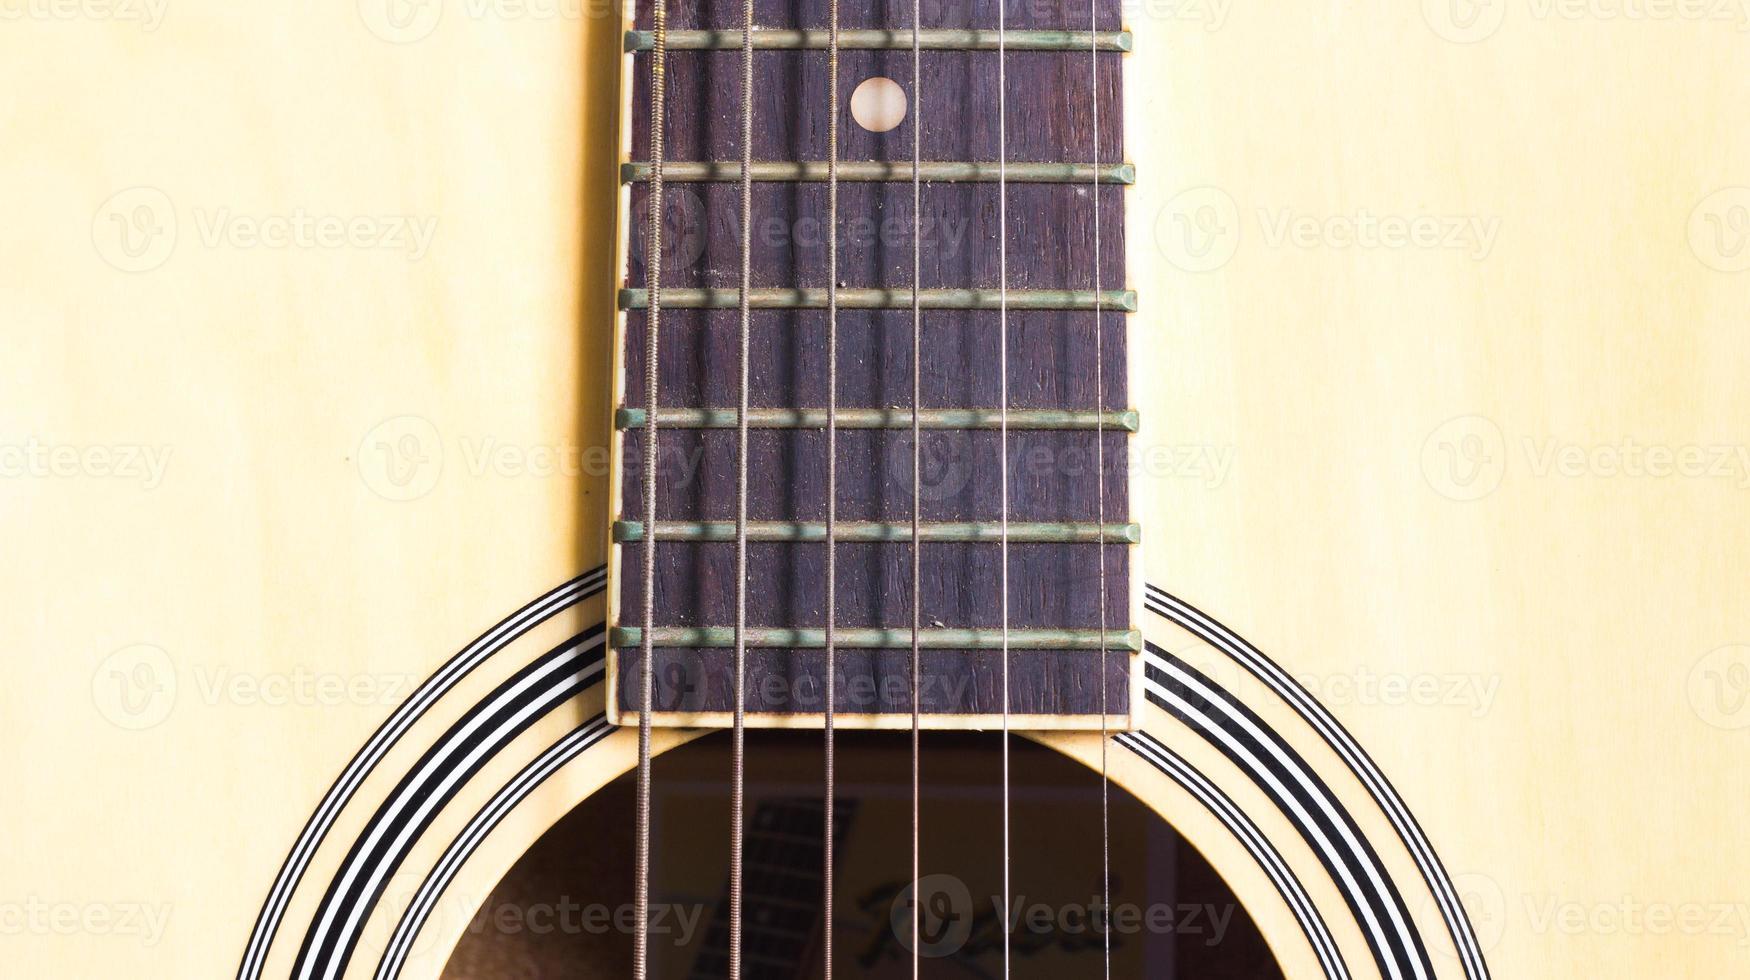 close-up snaar van de gitaar foto